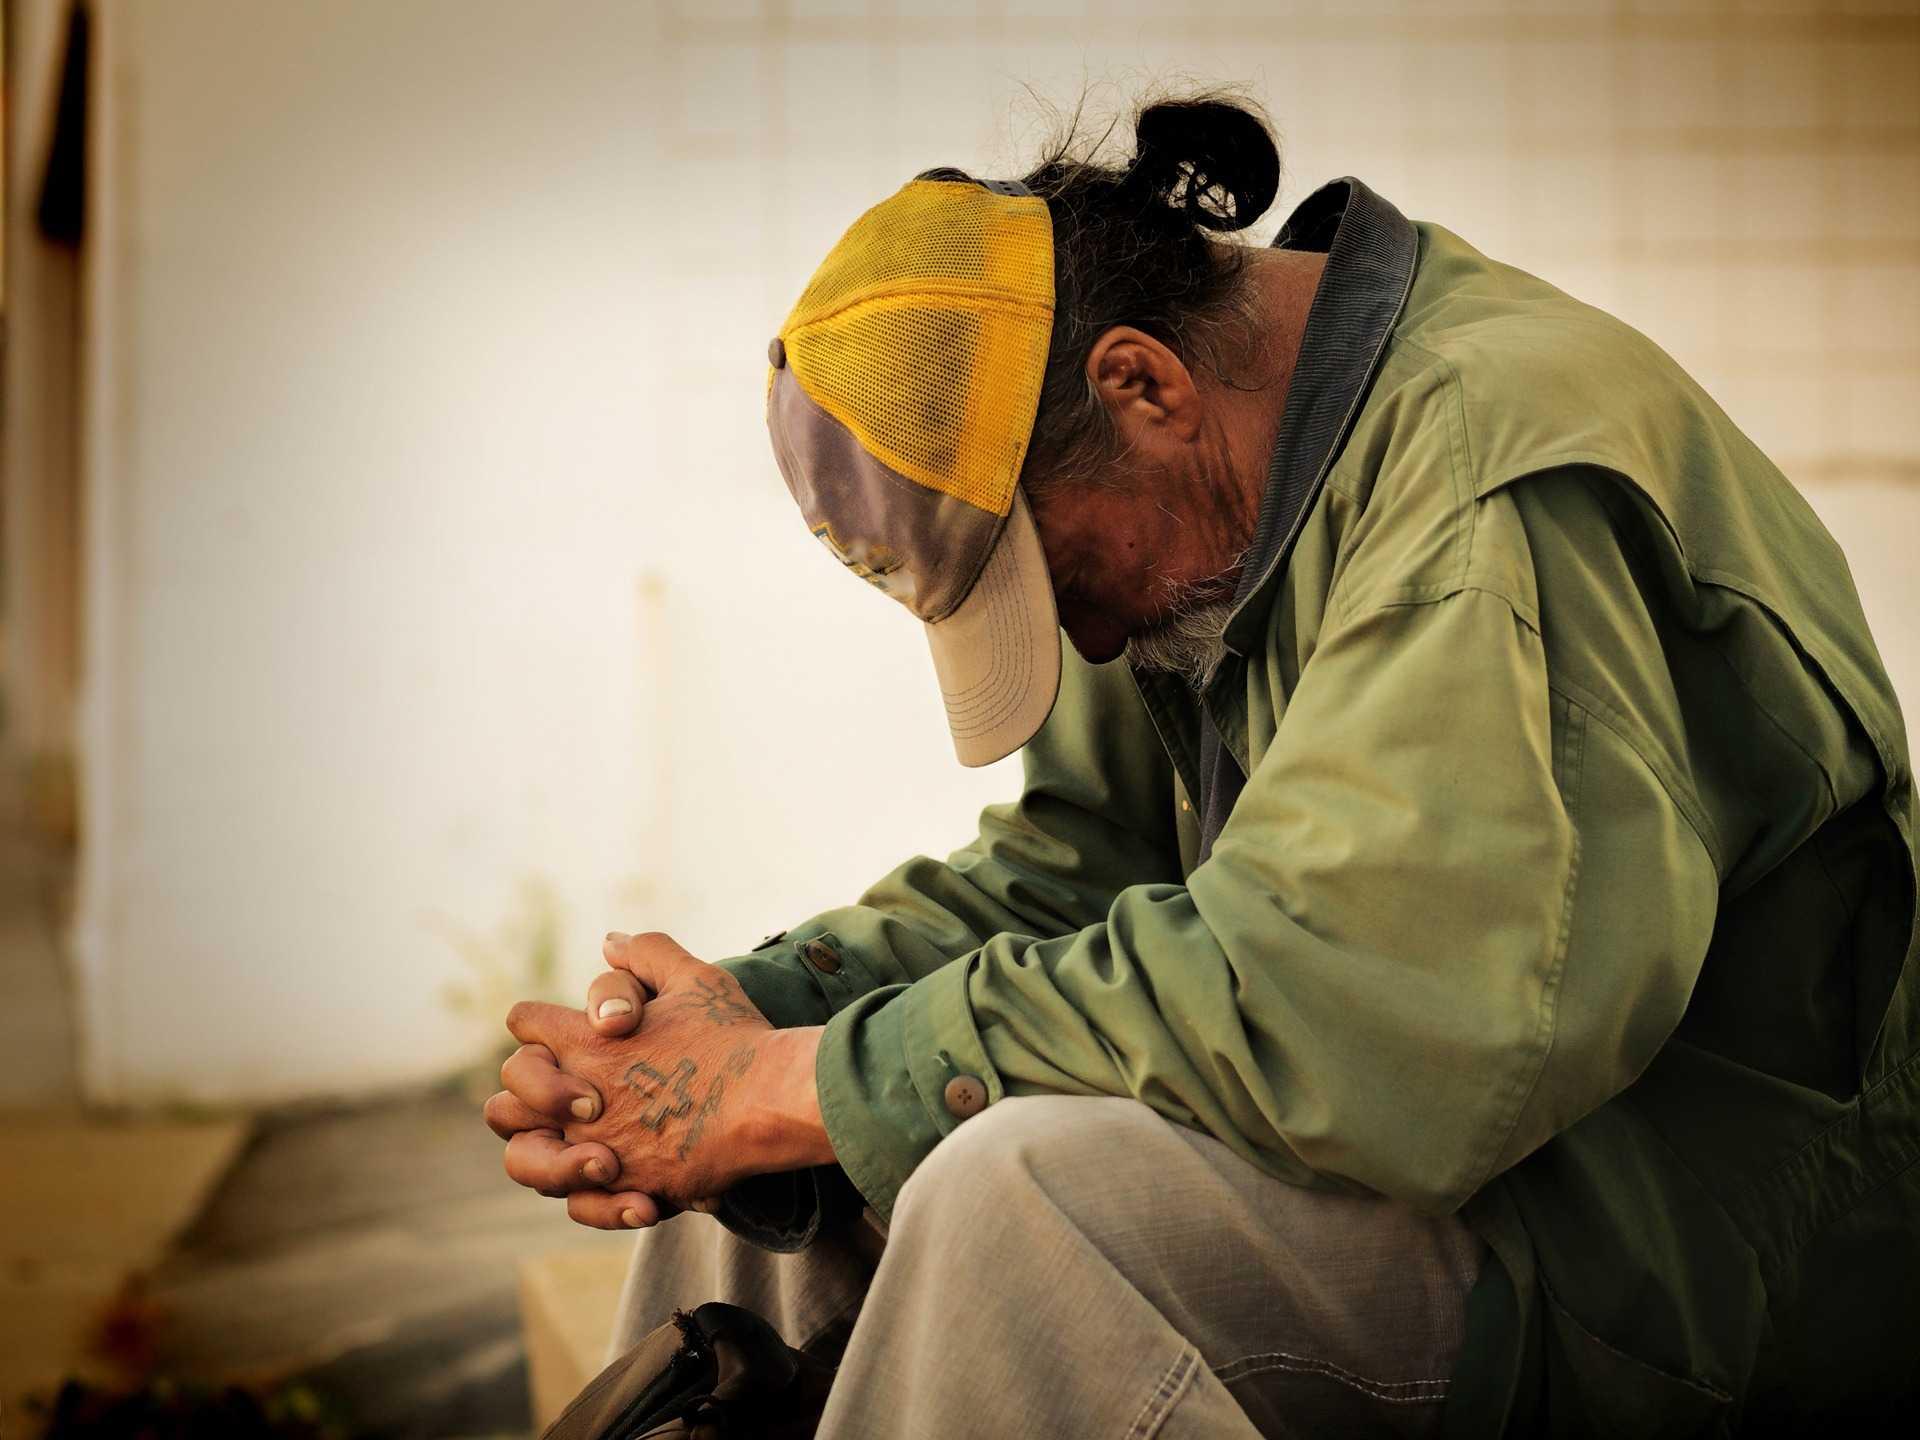 szegény, hajléktalan, rászoruló